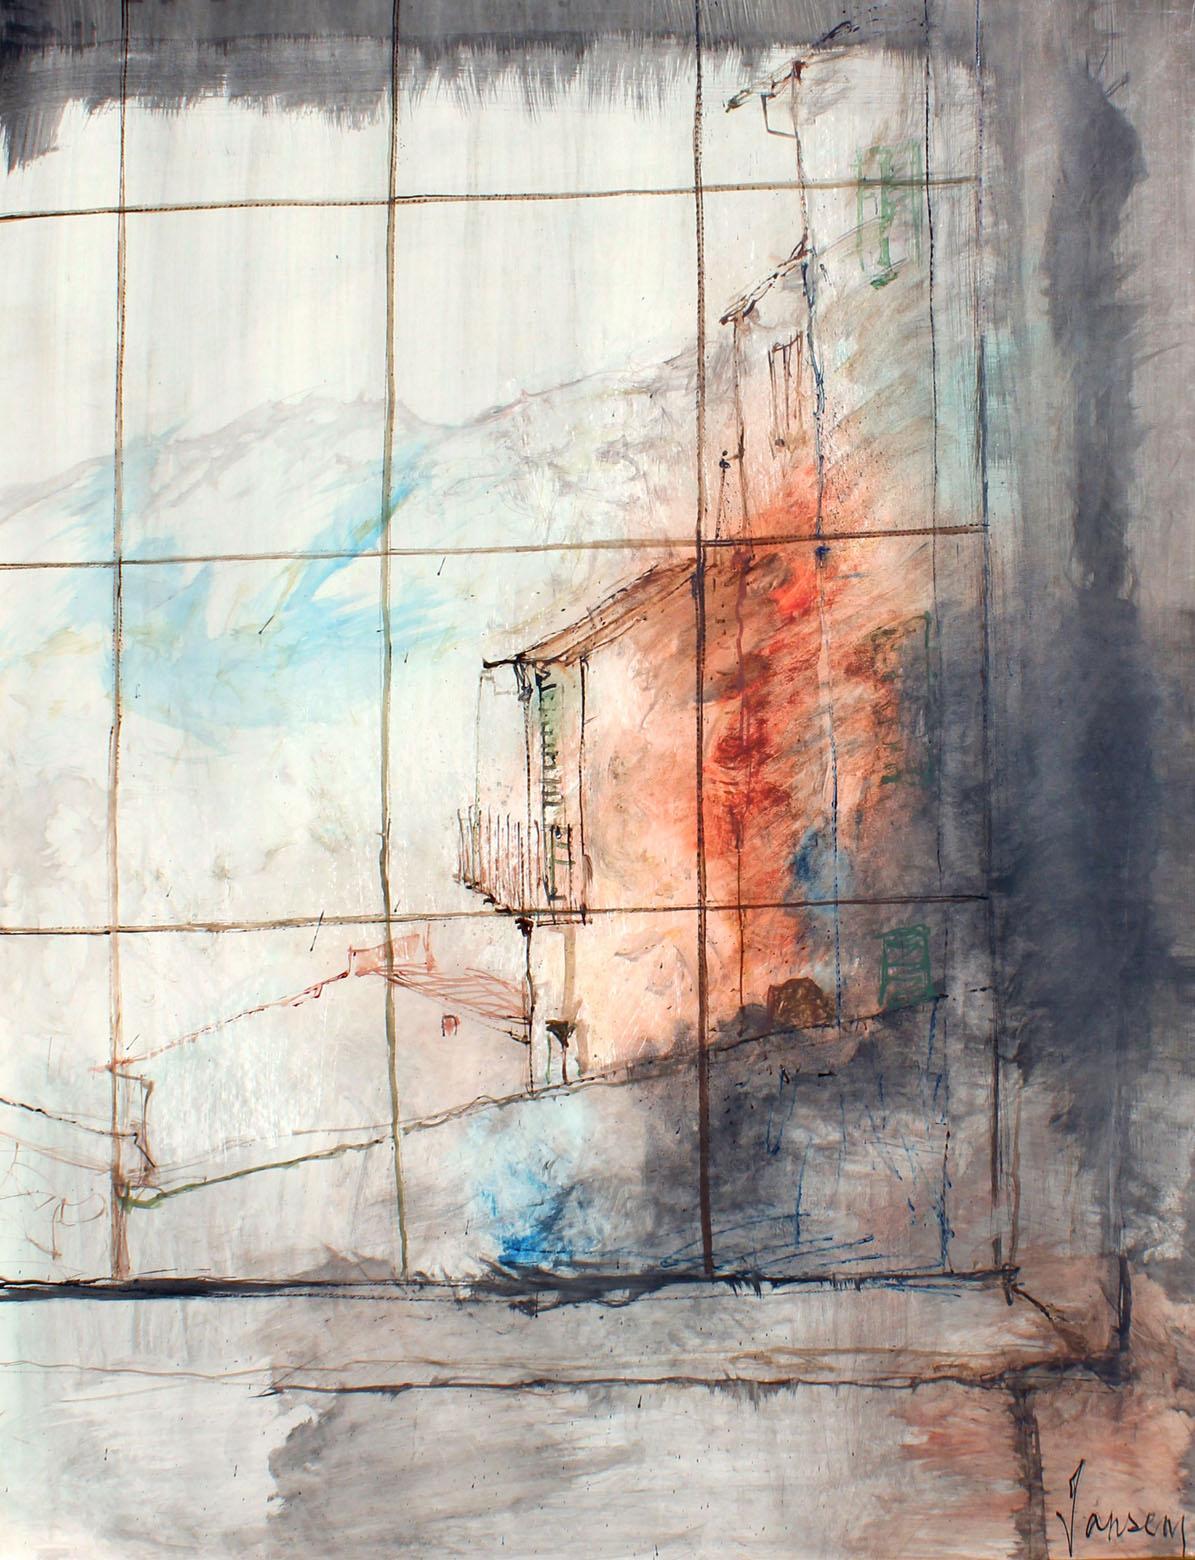 Window on courtyard, ( Fenêtre sur cour)